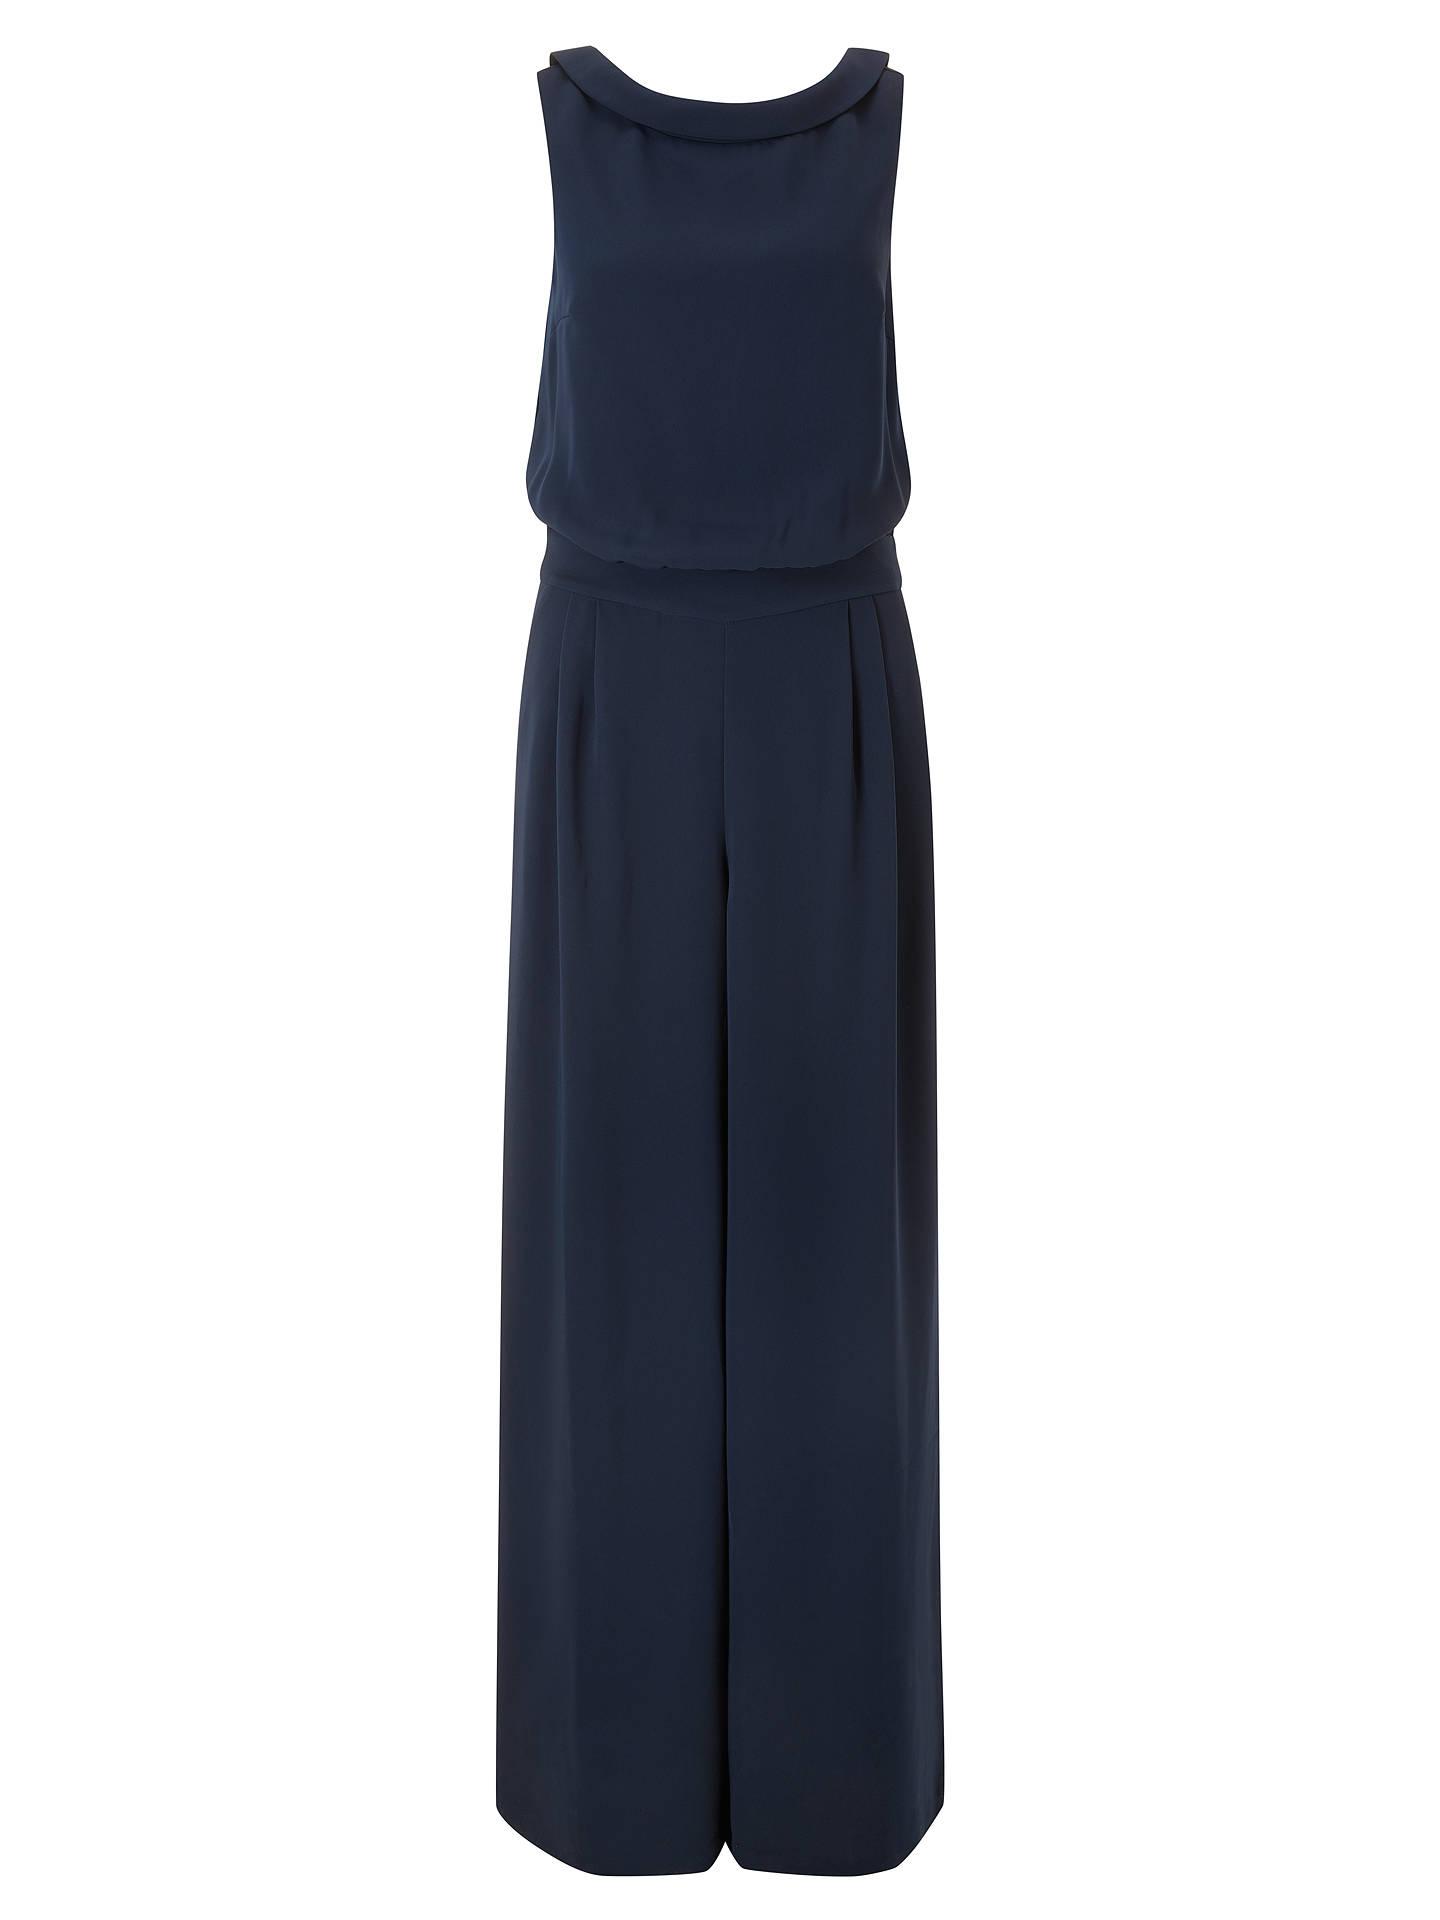 21e688230ea ... Buy Boden Clarissa Jumpsuit